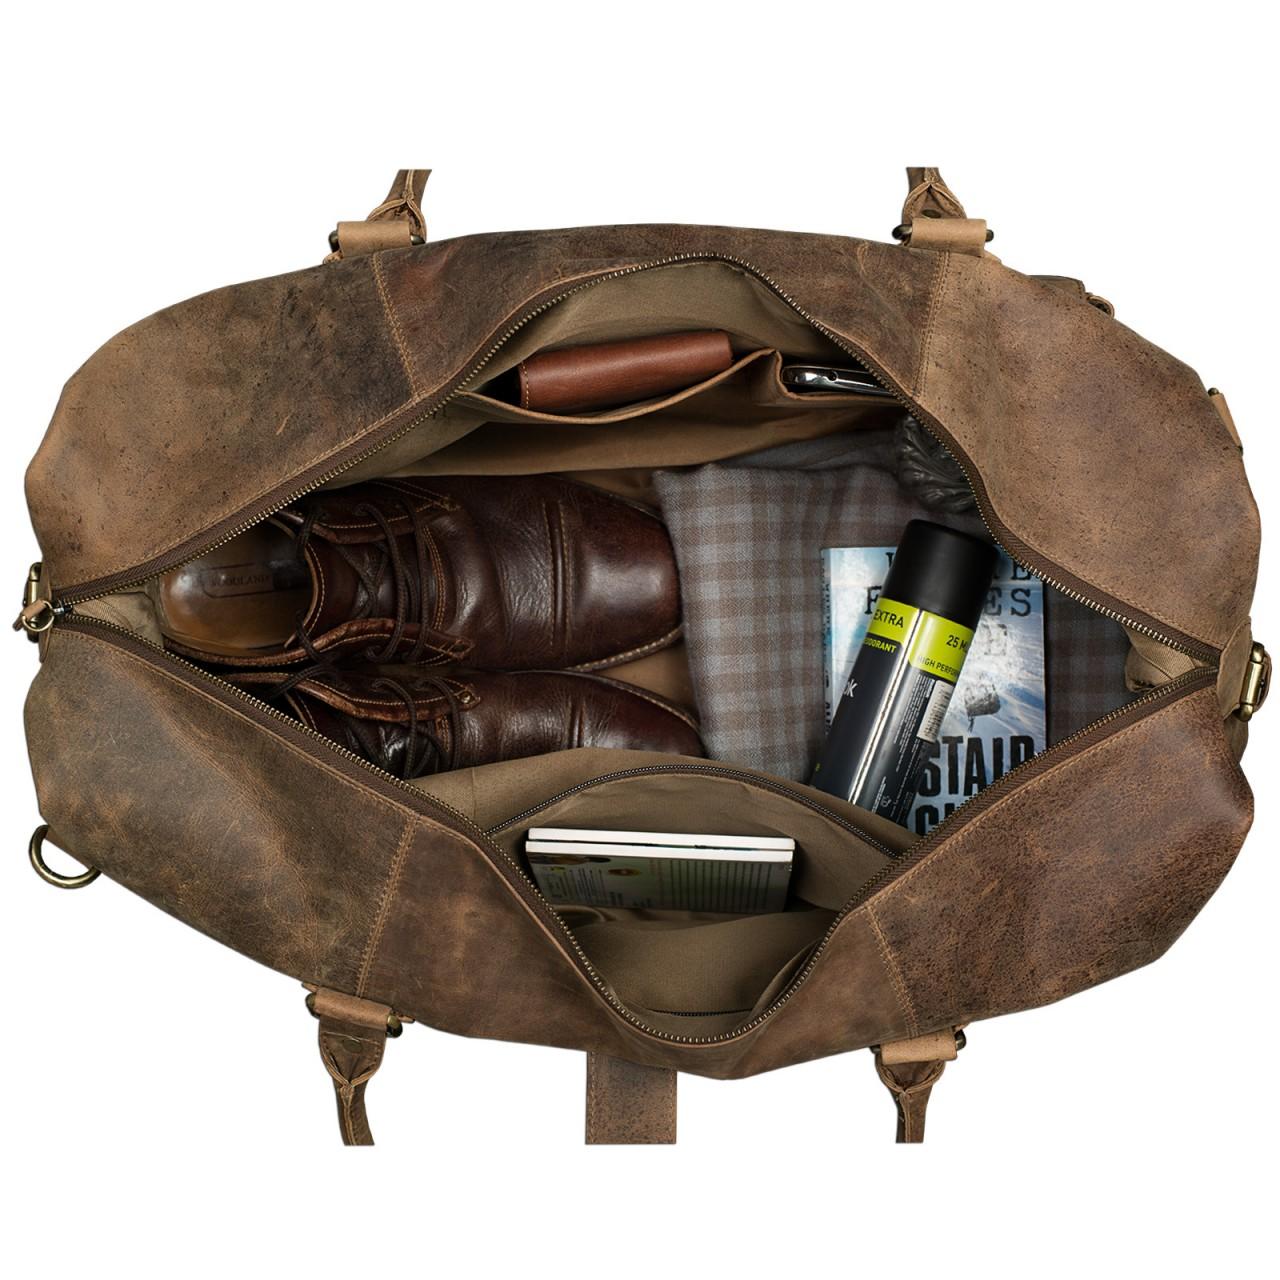 STILORD Vintage Reisetasche groß für Herren Ledertasche Urlaub Retro Sporttasche Weekender Bag aus echtem Leder braun - Bild 6